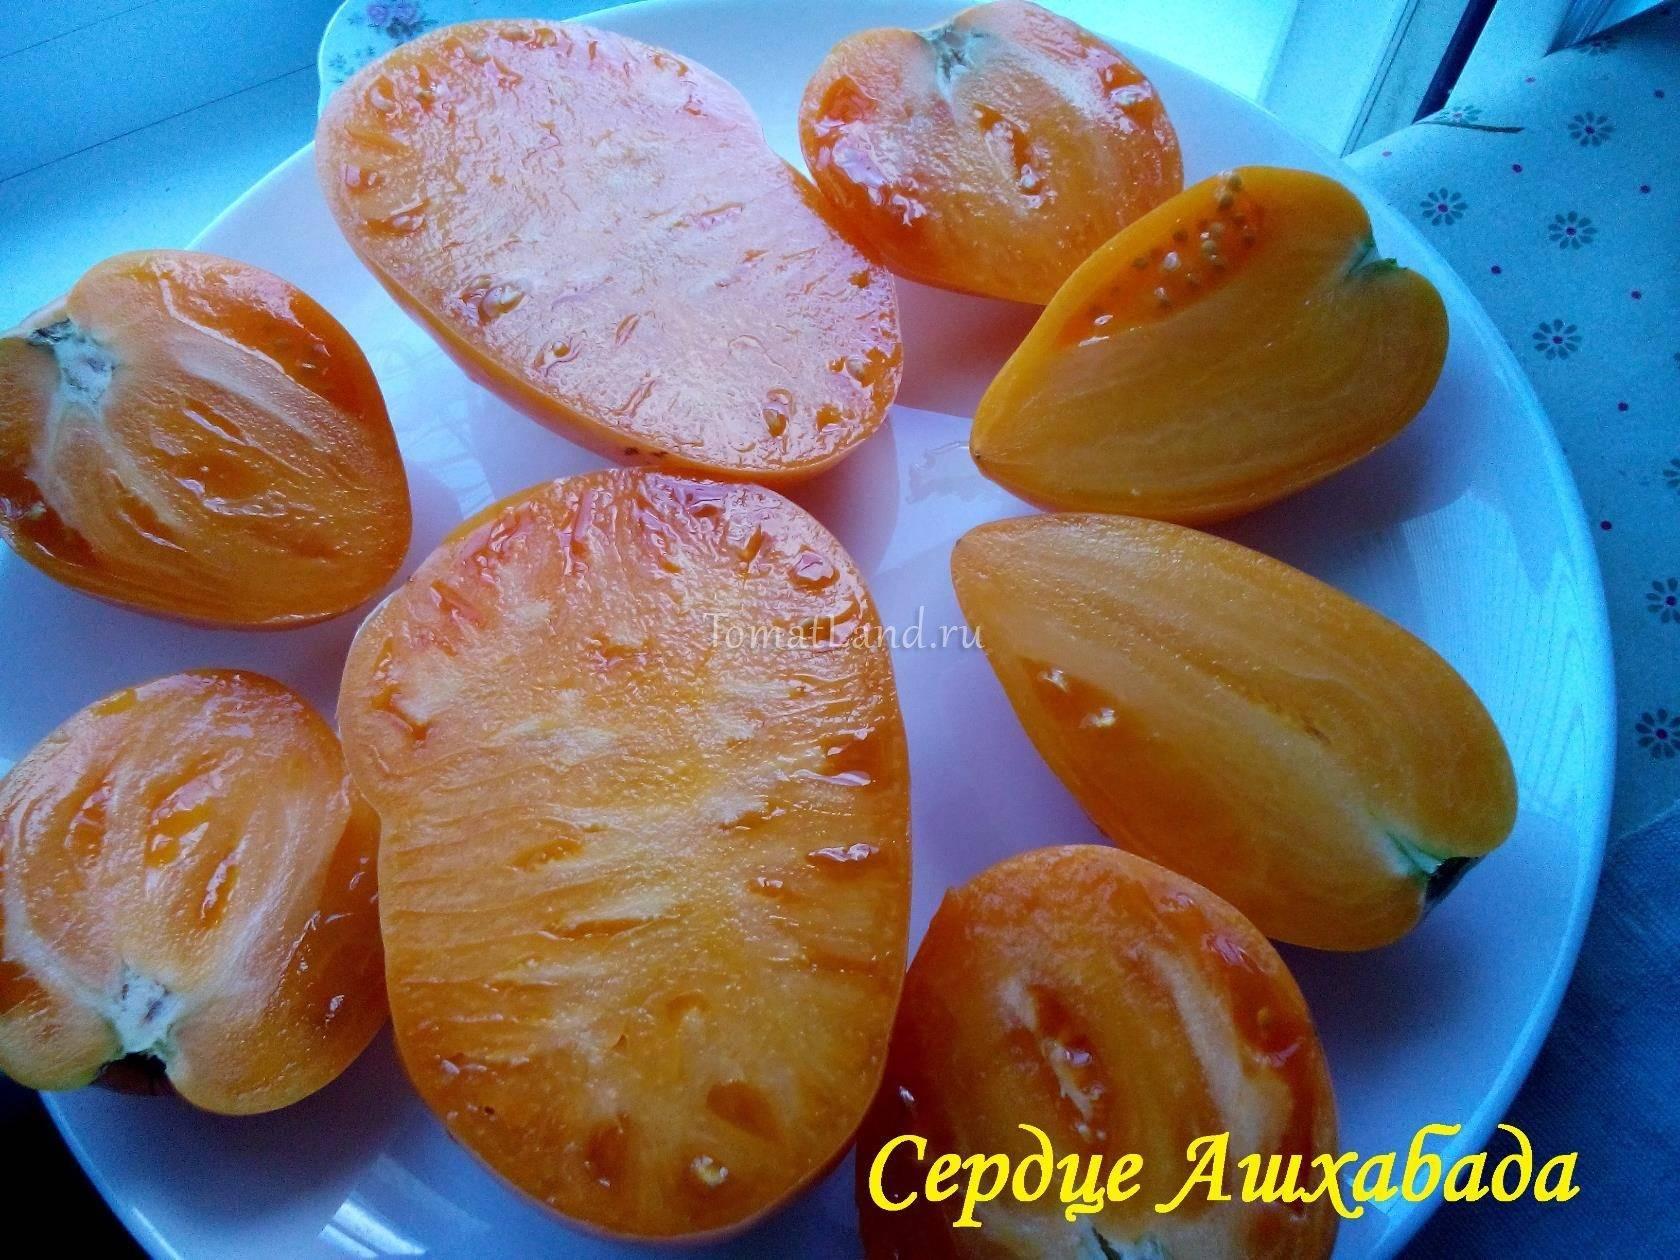 Томат «сердце ашхабада»: описание сорта, характеристики плодов-помидор, рекомендации по уходу и выращиванию